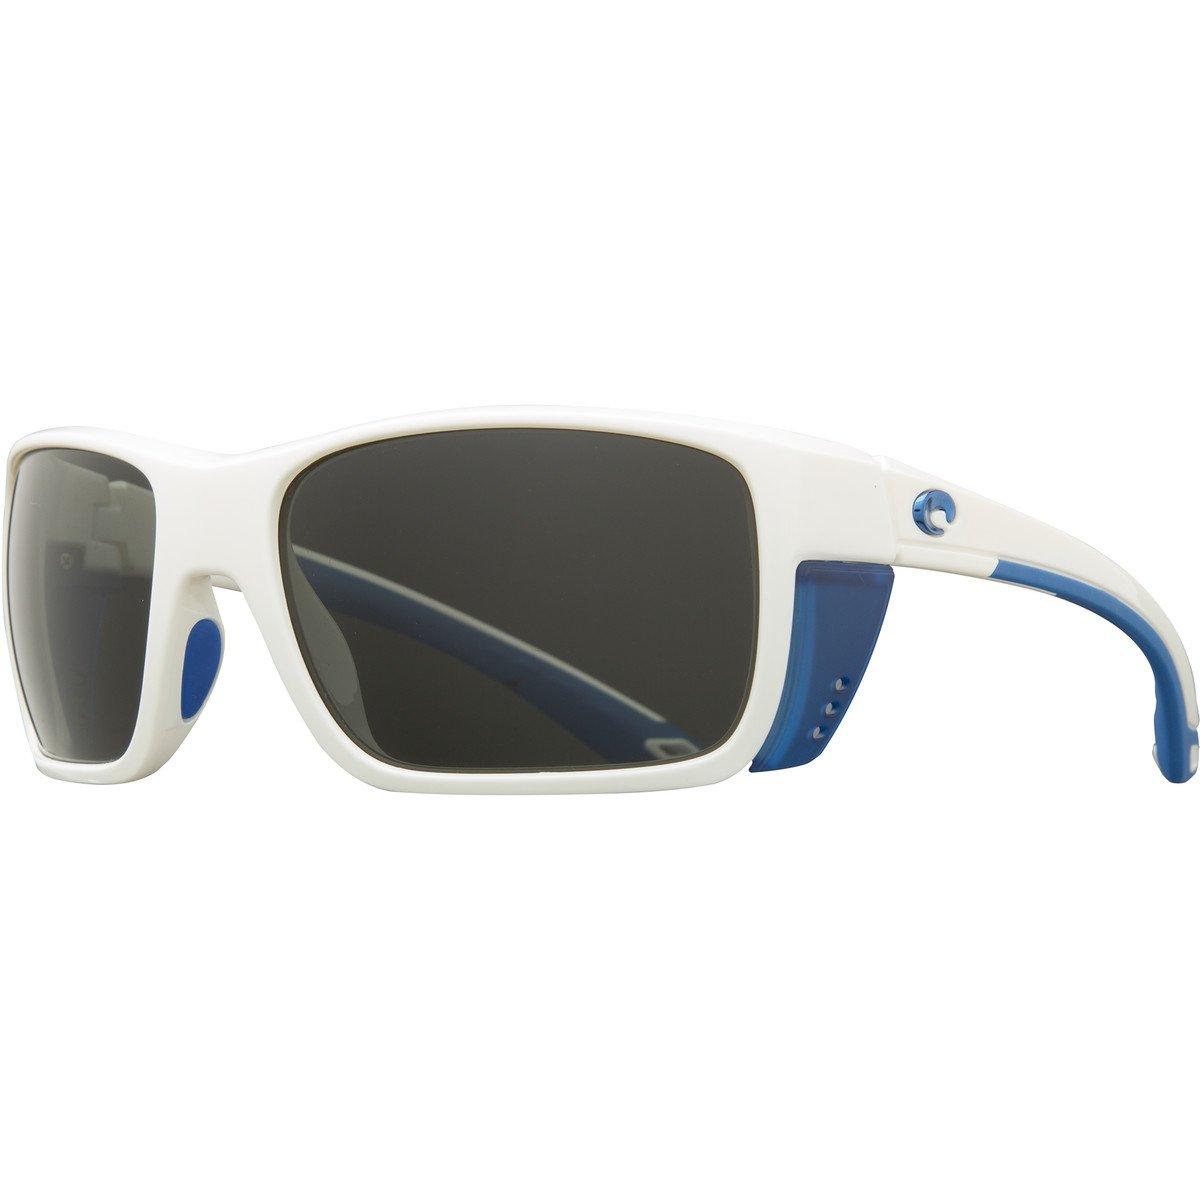 カウくる Costa Rican APPAREL メンズ With B00S77QZUW White メンズ With Gray Blue Logo Gray 580g One Size One Size|White With Blue Logo Gray 580g, エアコン専門店エアコンのマツPLUS:dbc8e2d7 --- h909215399.nichost.ru